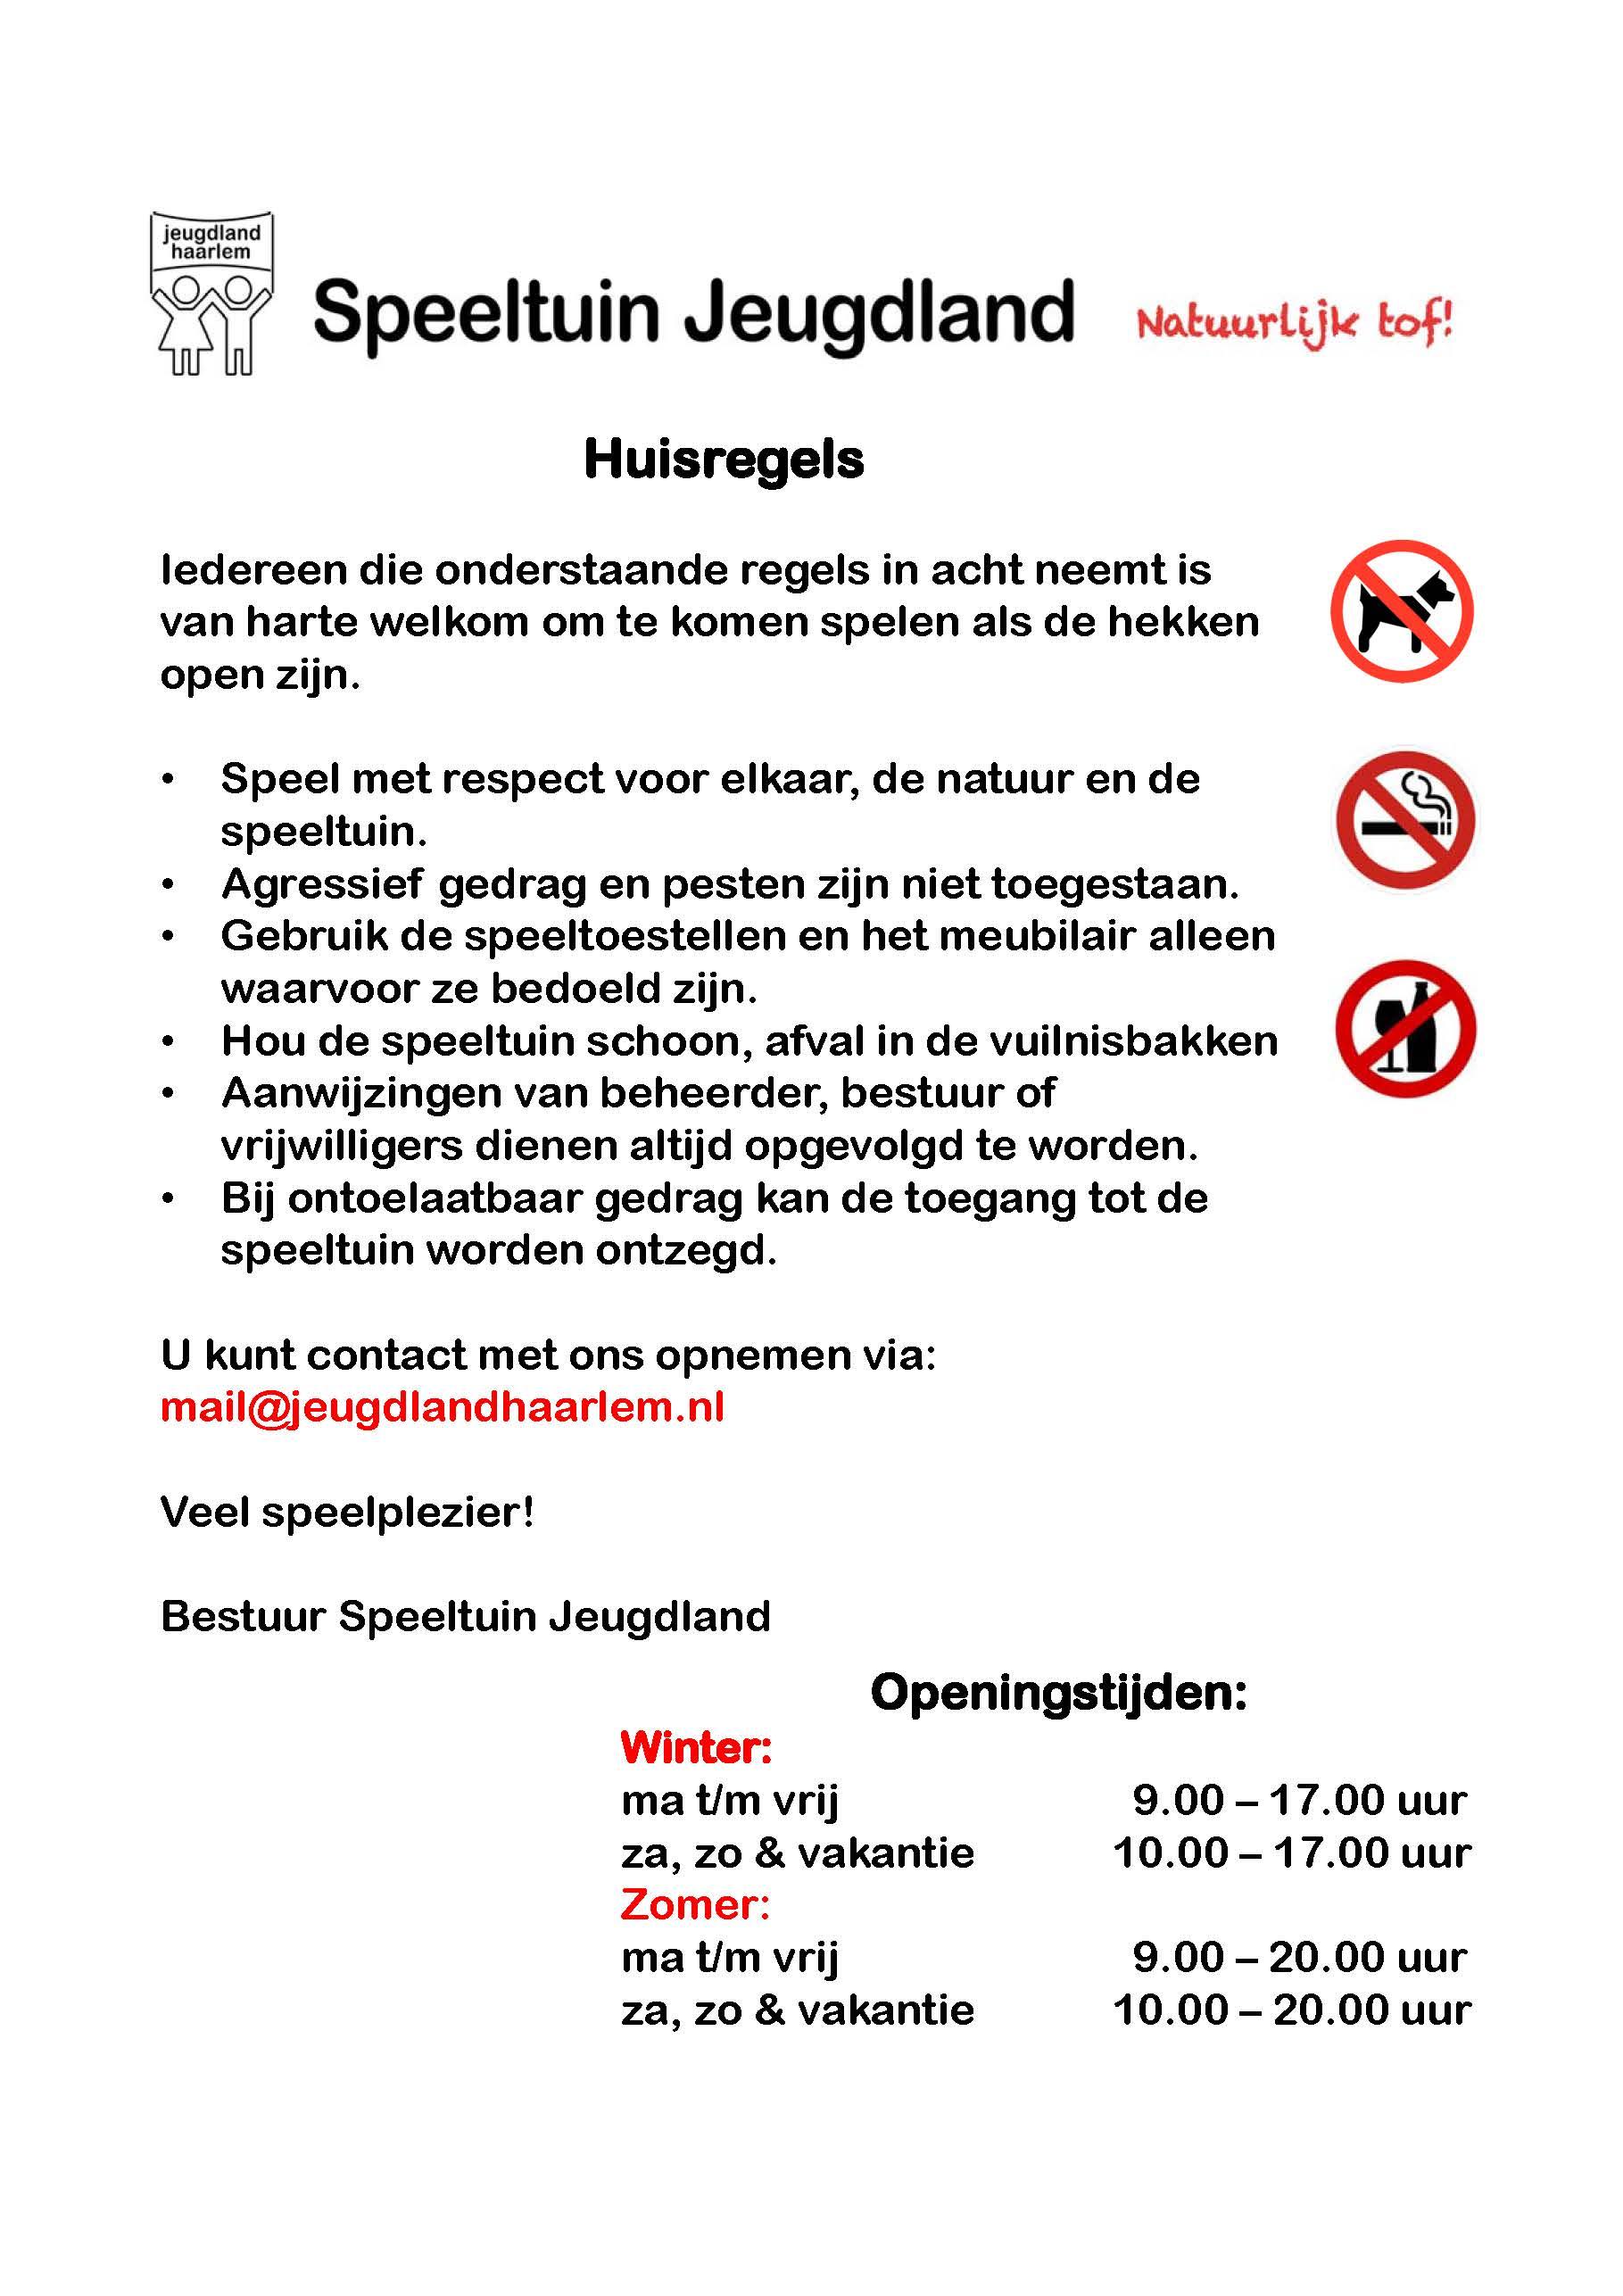 huisregels Speeltuin Jeugdland Haarlem